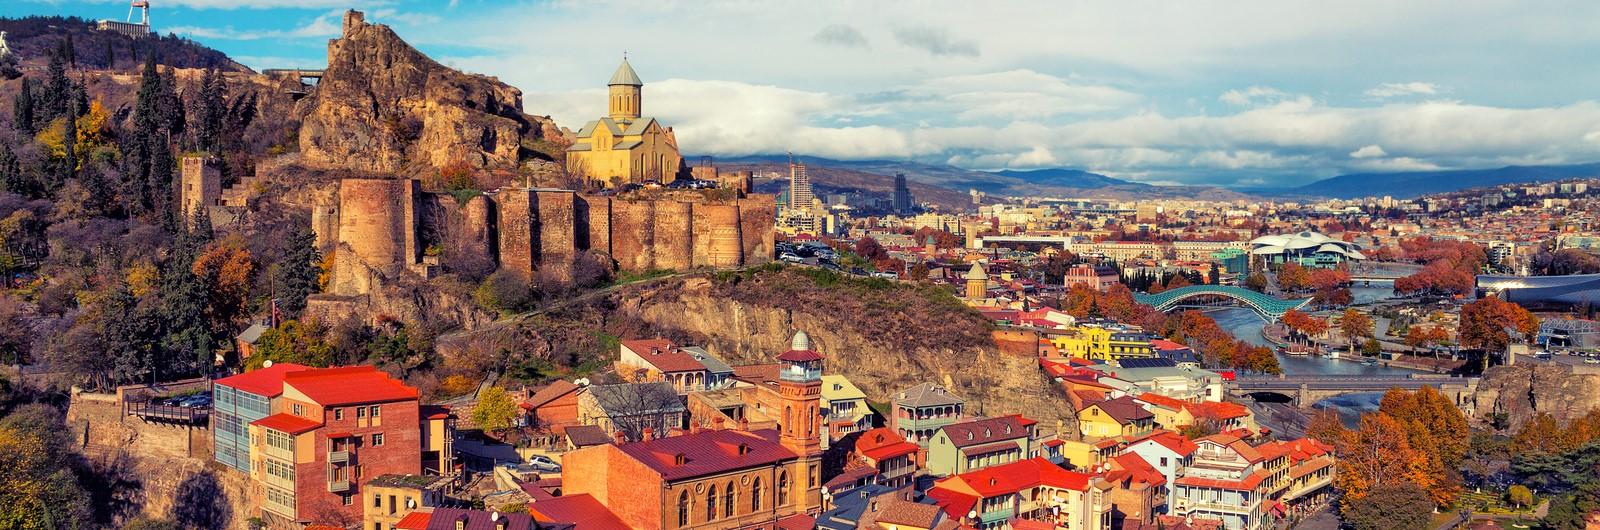 tbilisi city header